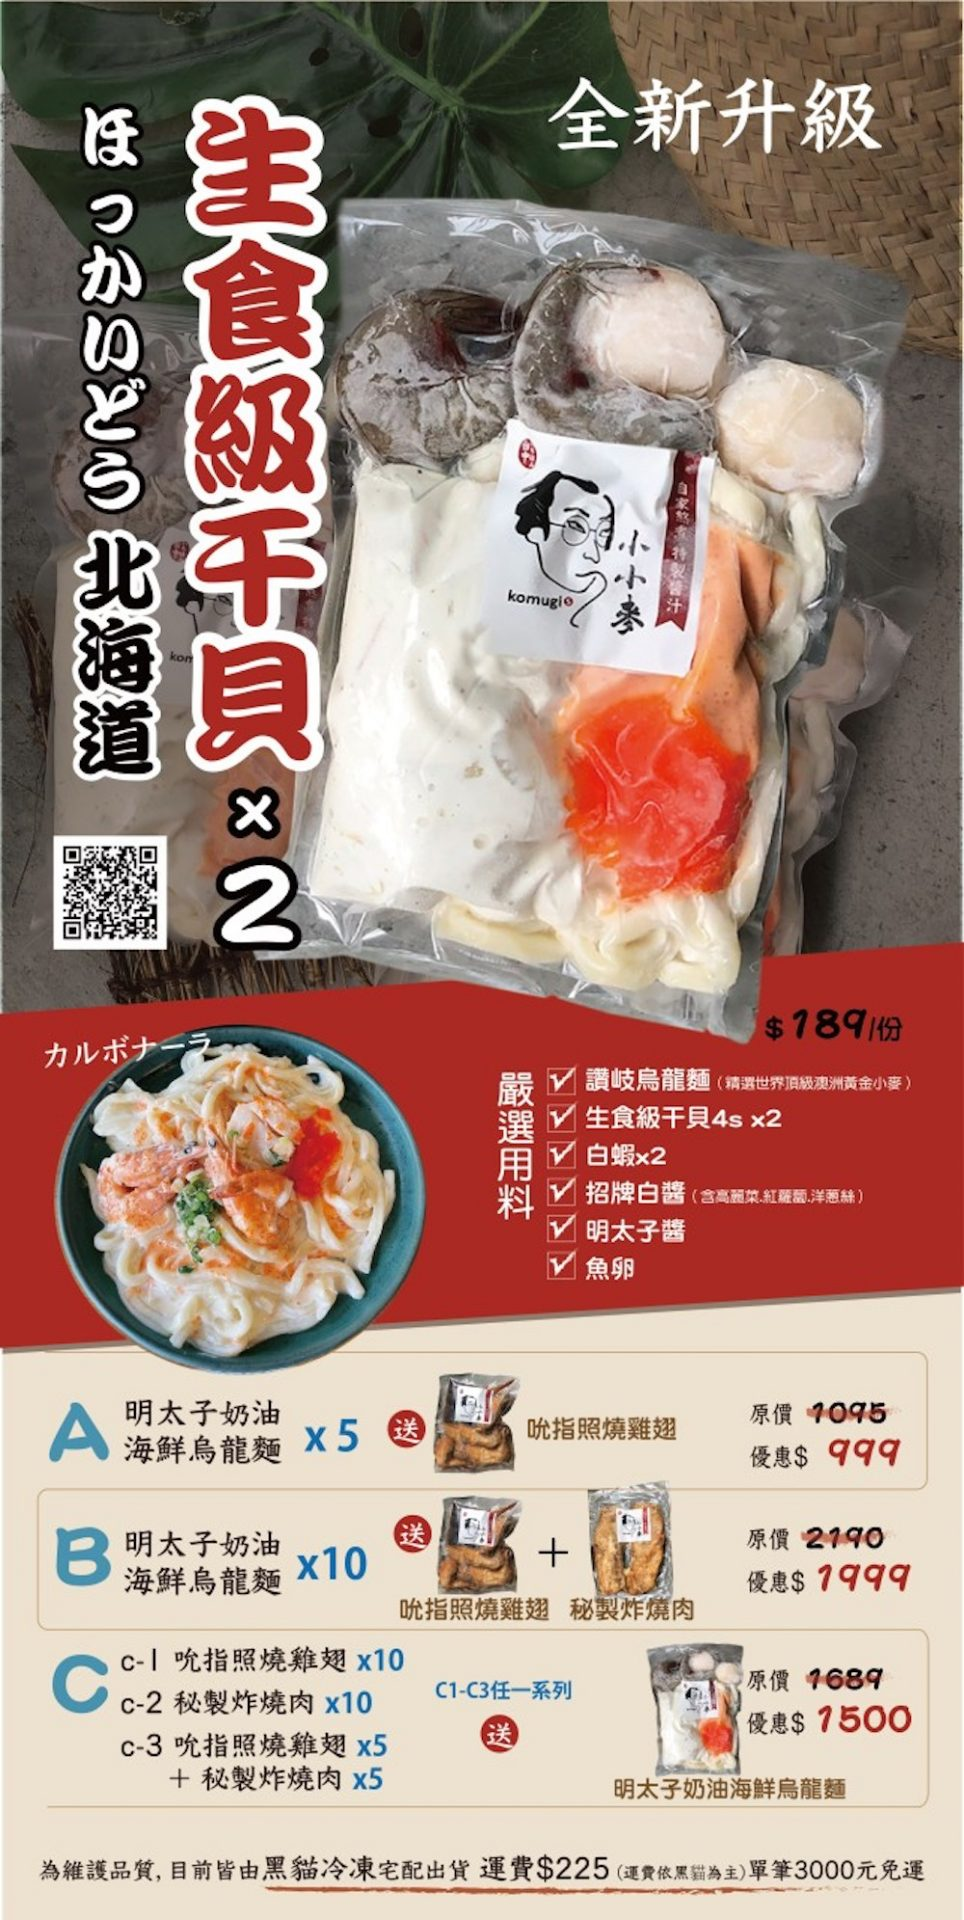 小小麥料理包  防疫網購加熱即食包推薦,北海道生食級干貝奶油海鮮烏龍麵在家簡單吃!